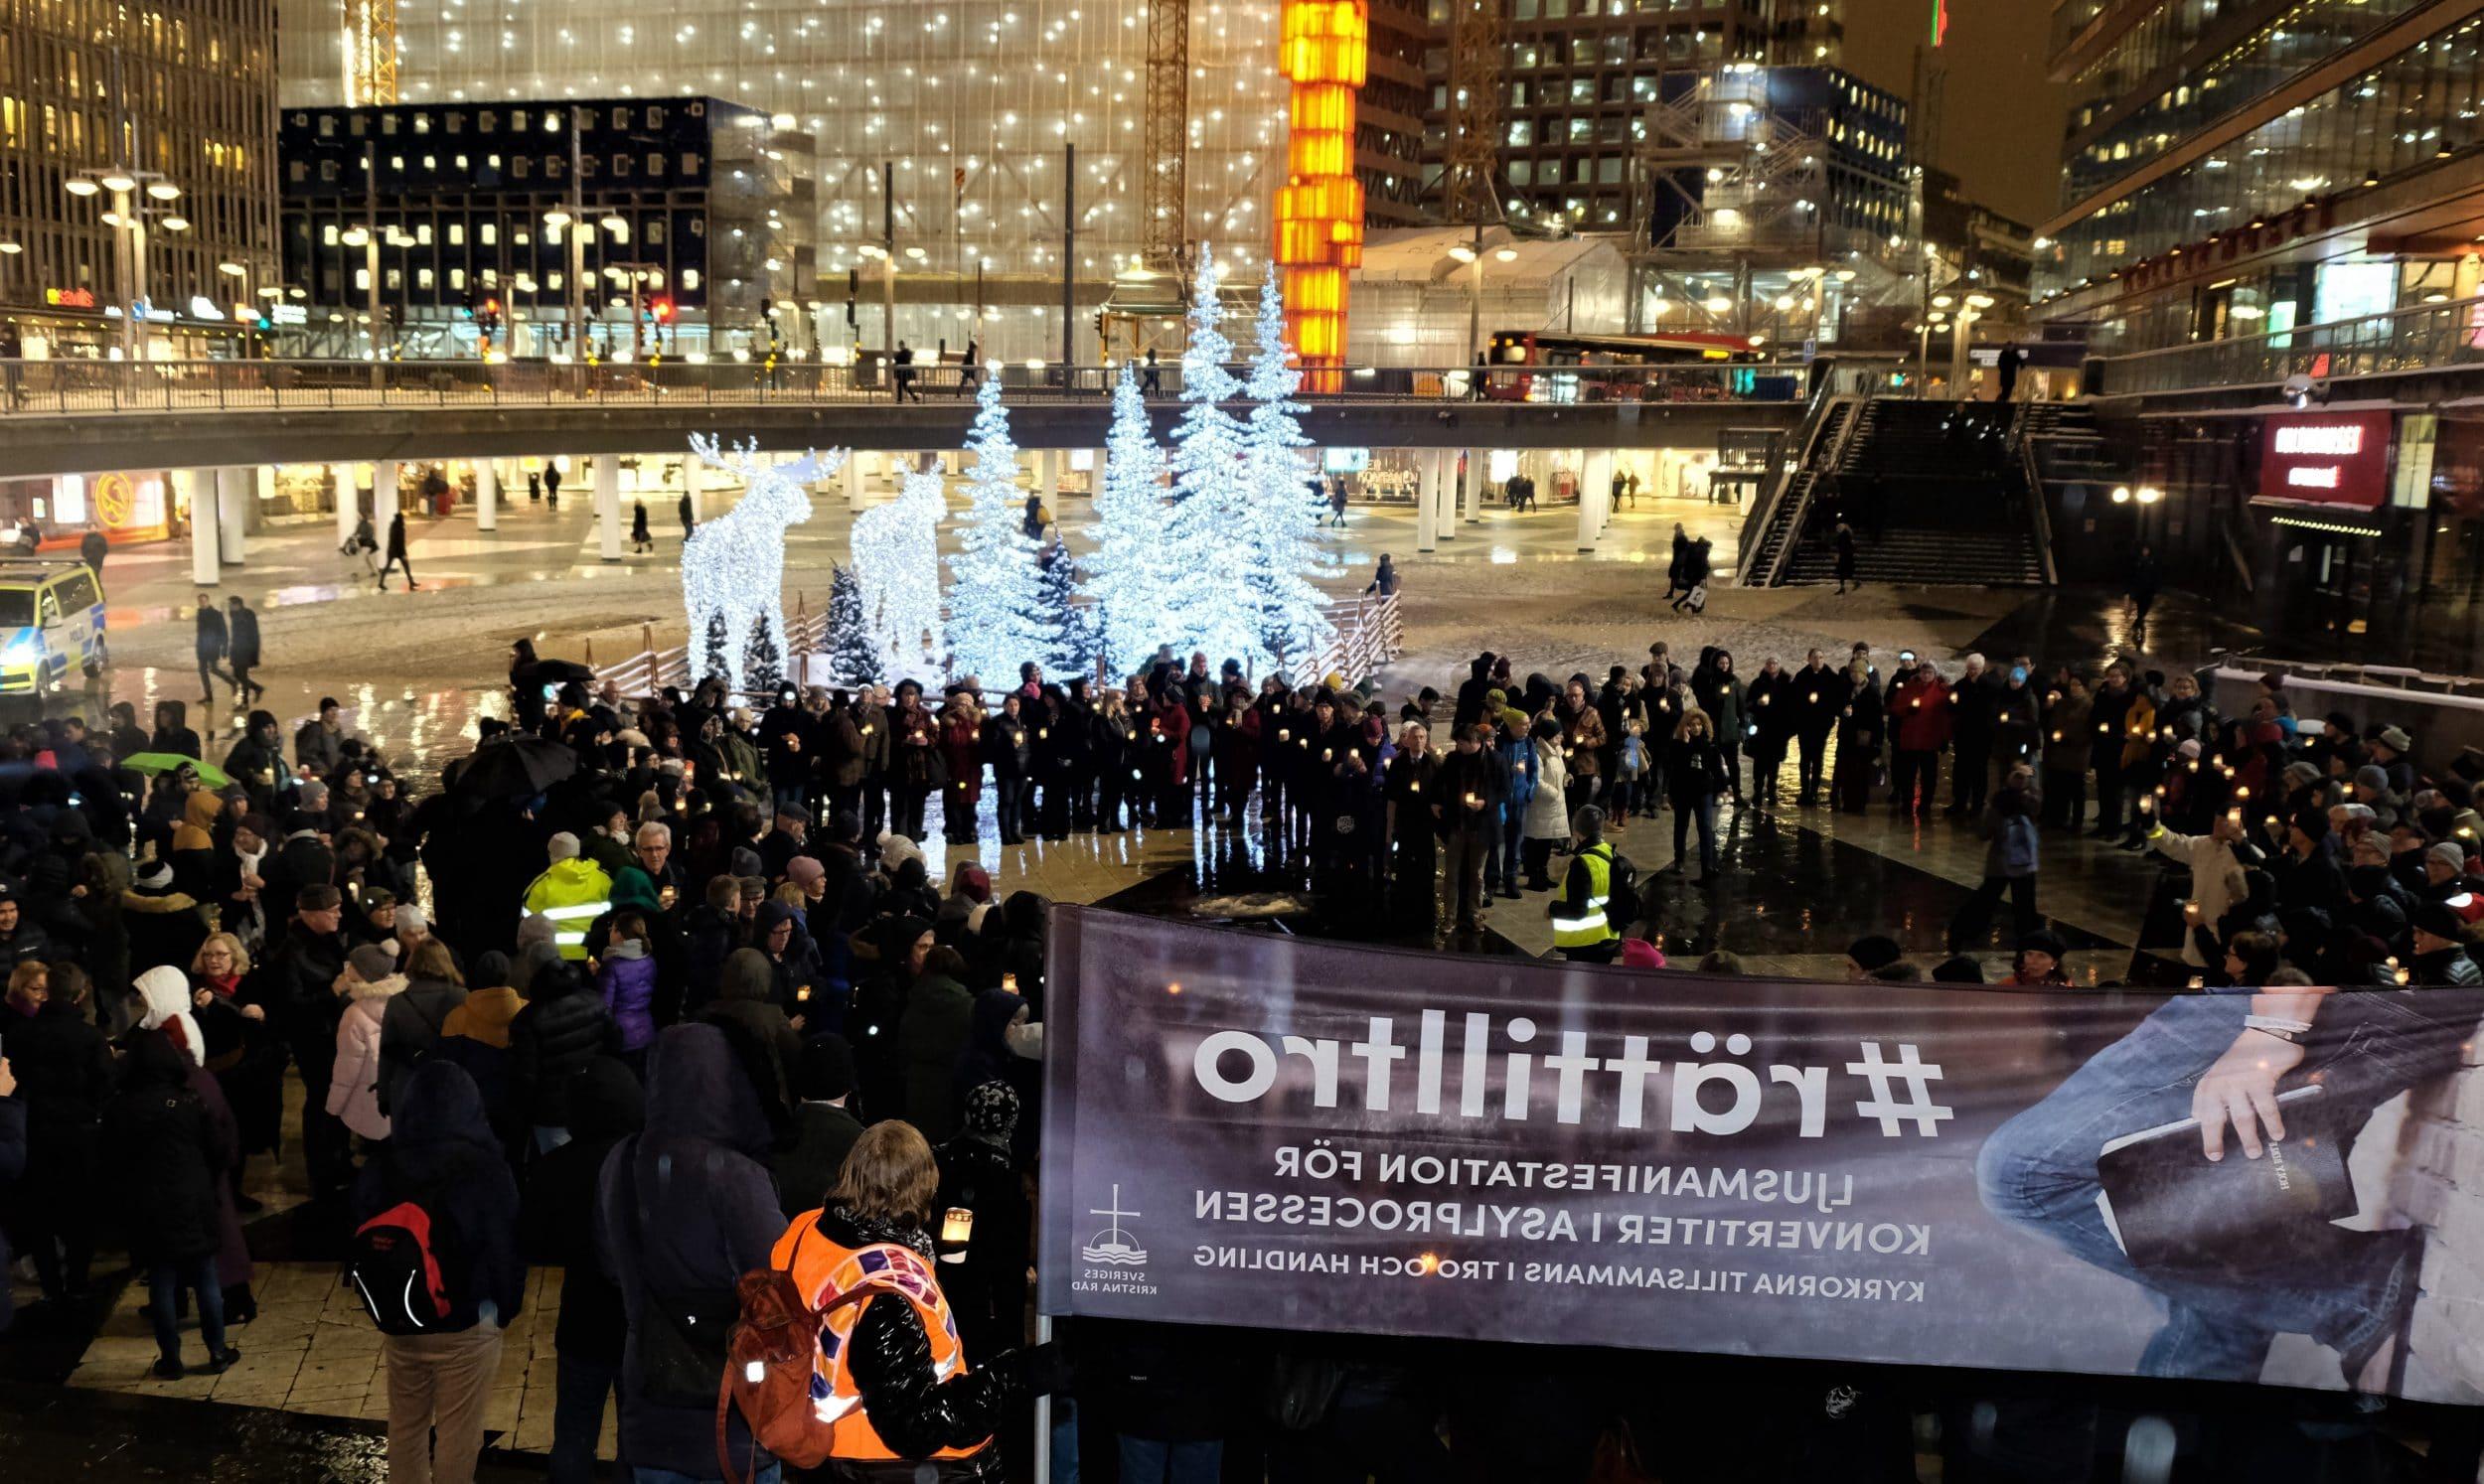 Svensk kristenhet slöt upp för konvertiter med ljusmanifestation på Sergels torg